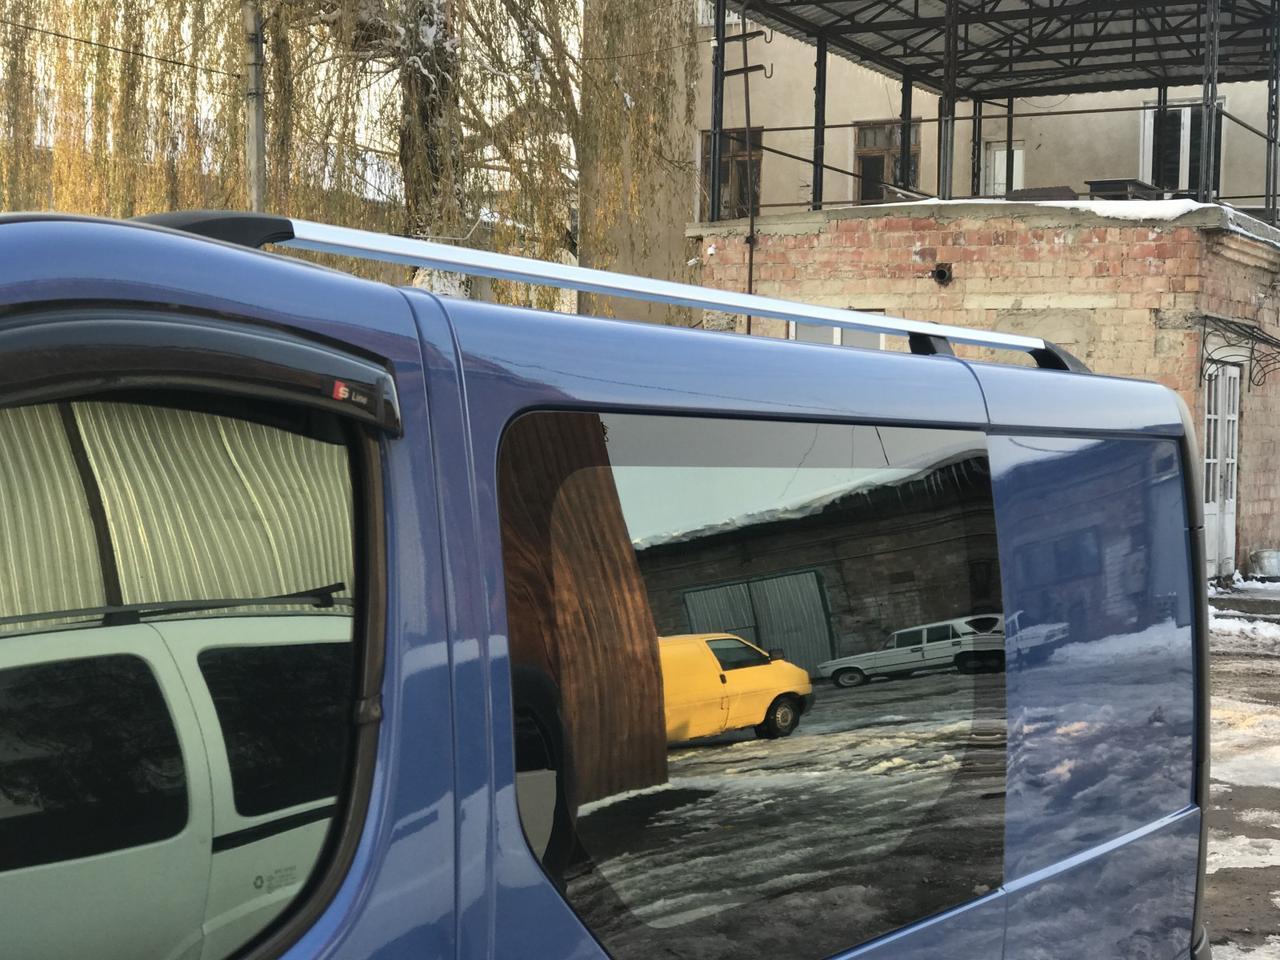 Рейлинги хром (чугунные ножки, длинная база) Renault Trafic, Opel Vivaro 2001-2014, DDU MET063